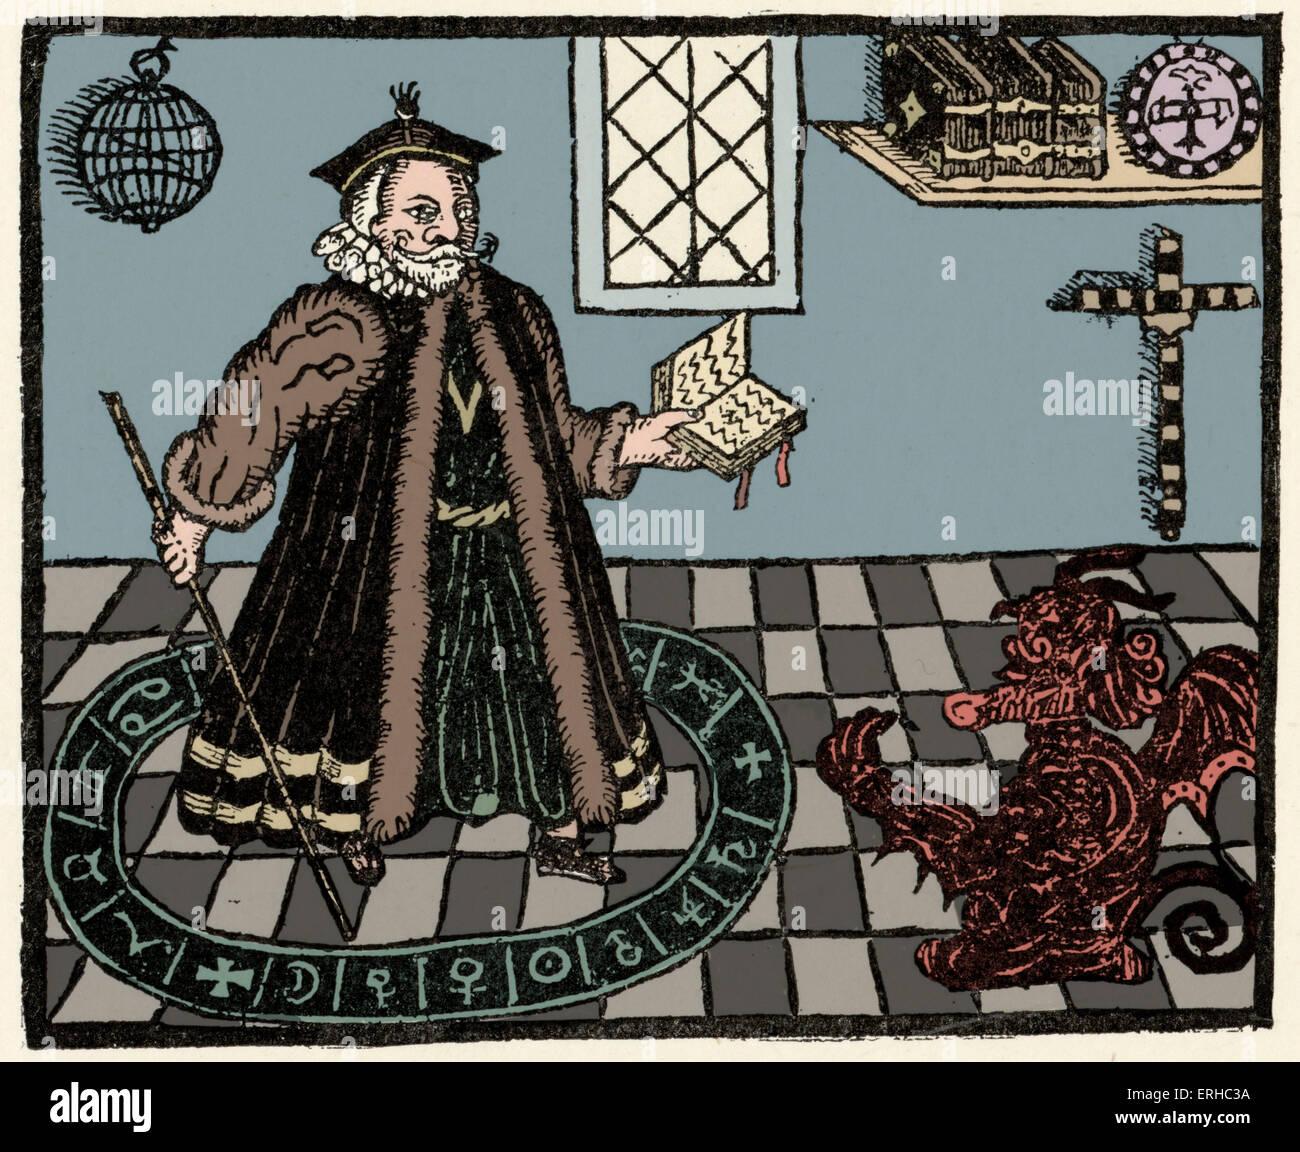 Xilografia di Faust / Faust e Mephistopheles pagina titolo di Christopher Marlowe 'l'Tragicall Historie Immagini Stock